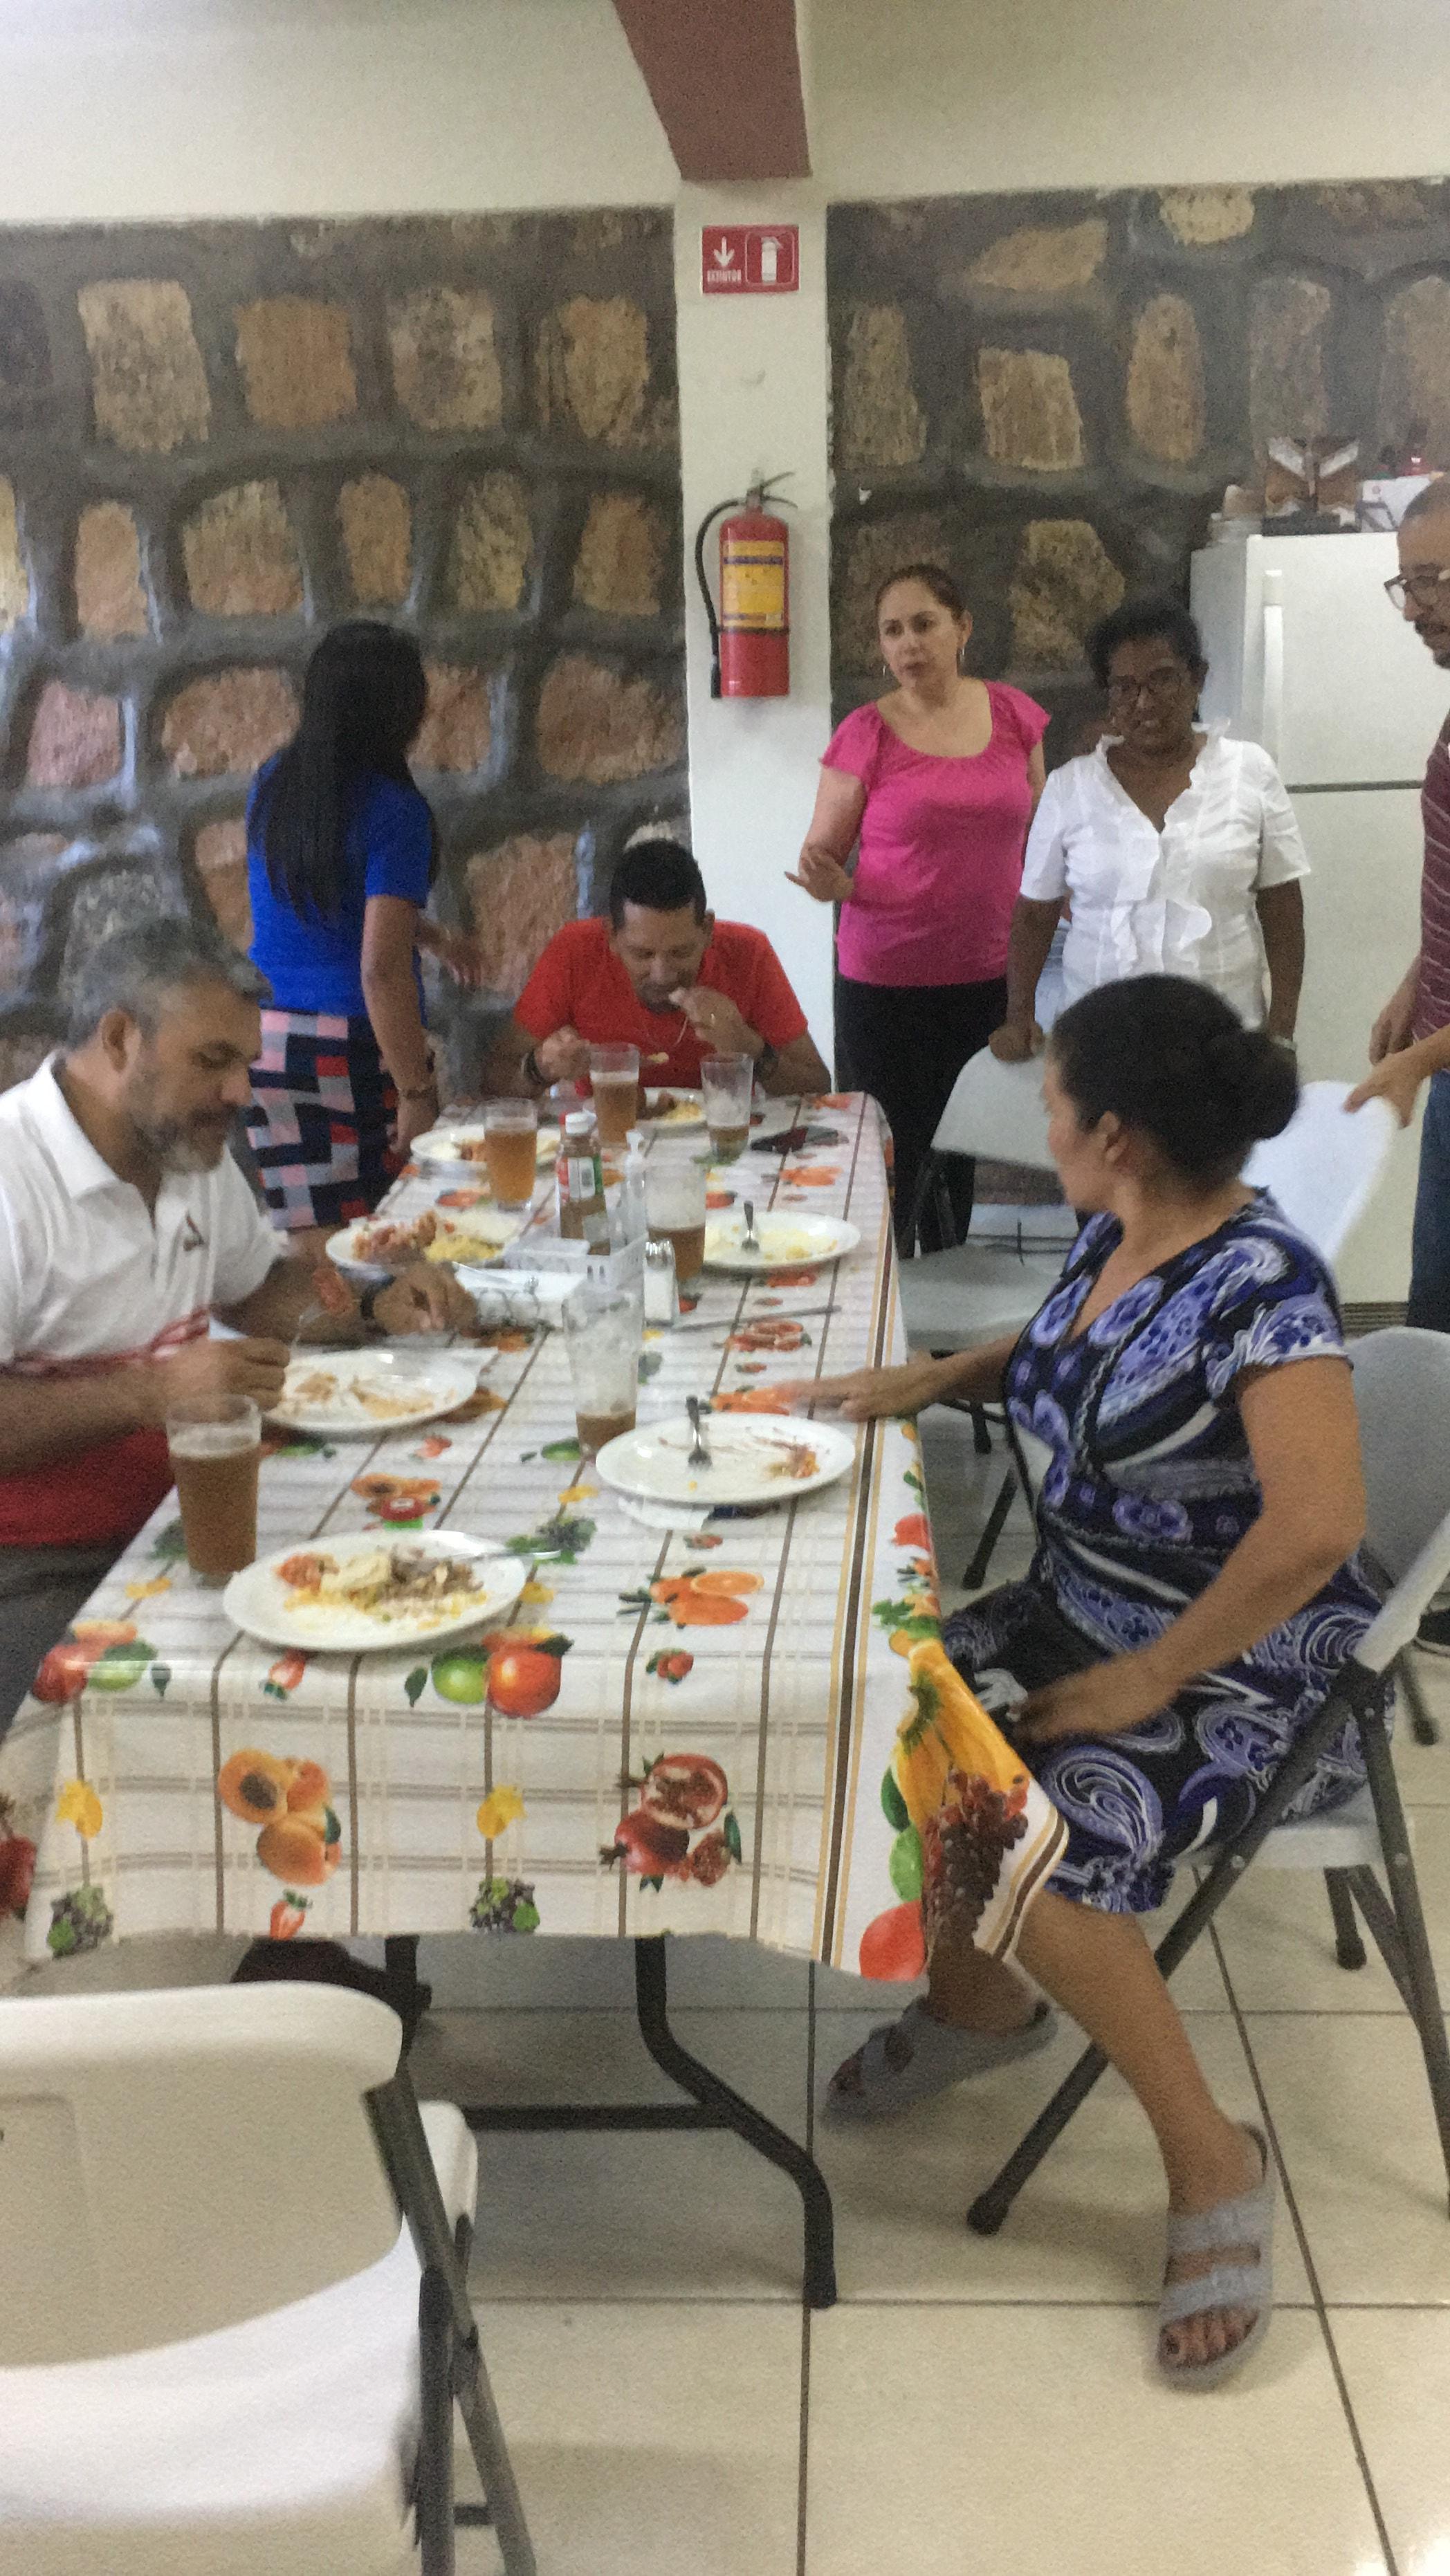 Leigos hondurenhos se reúnem para uma reunião de classe wesleyana em pequenos grupos em Tegucigalpa, Honduras. Foto: Osias Segura-Guzmán